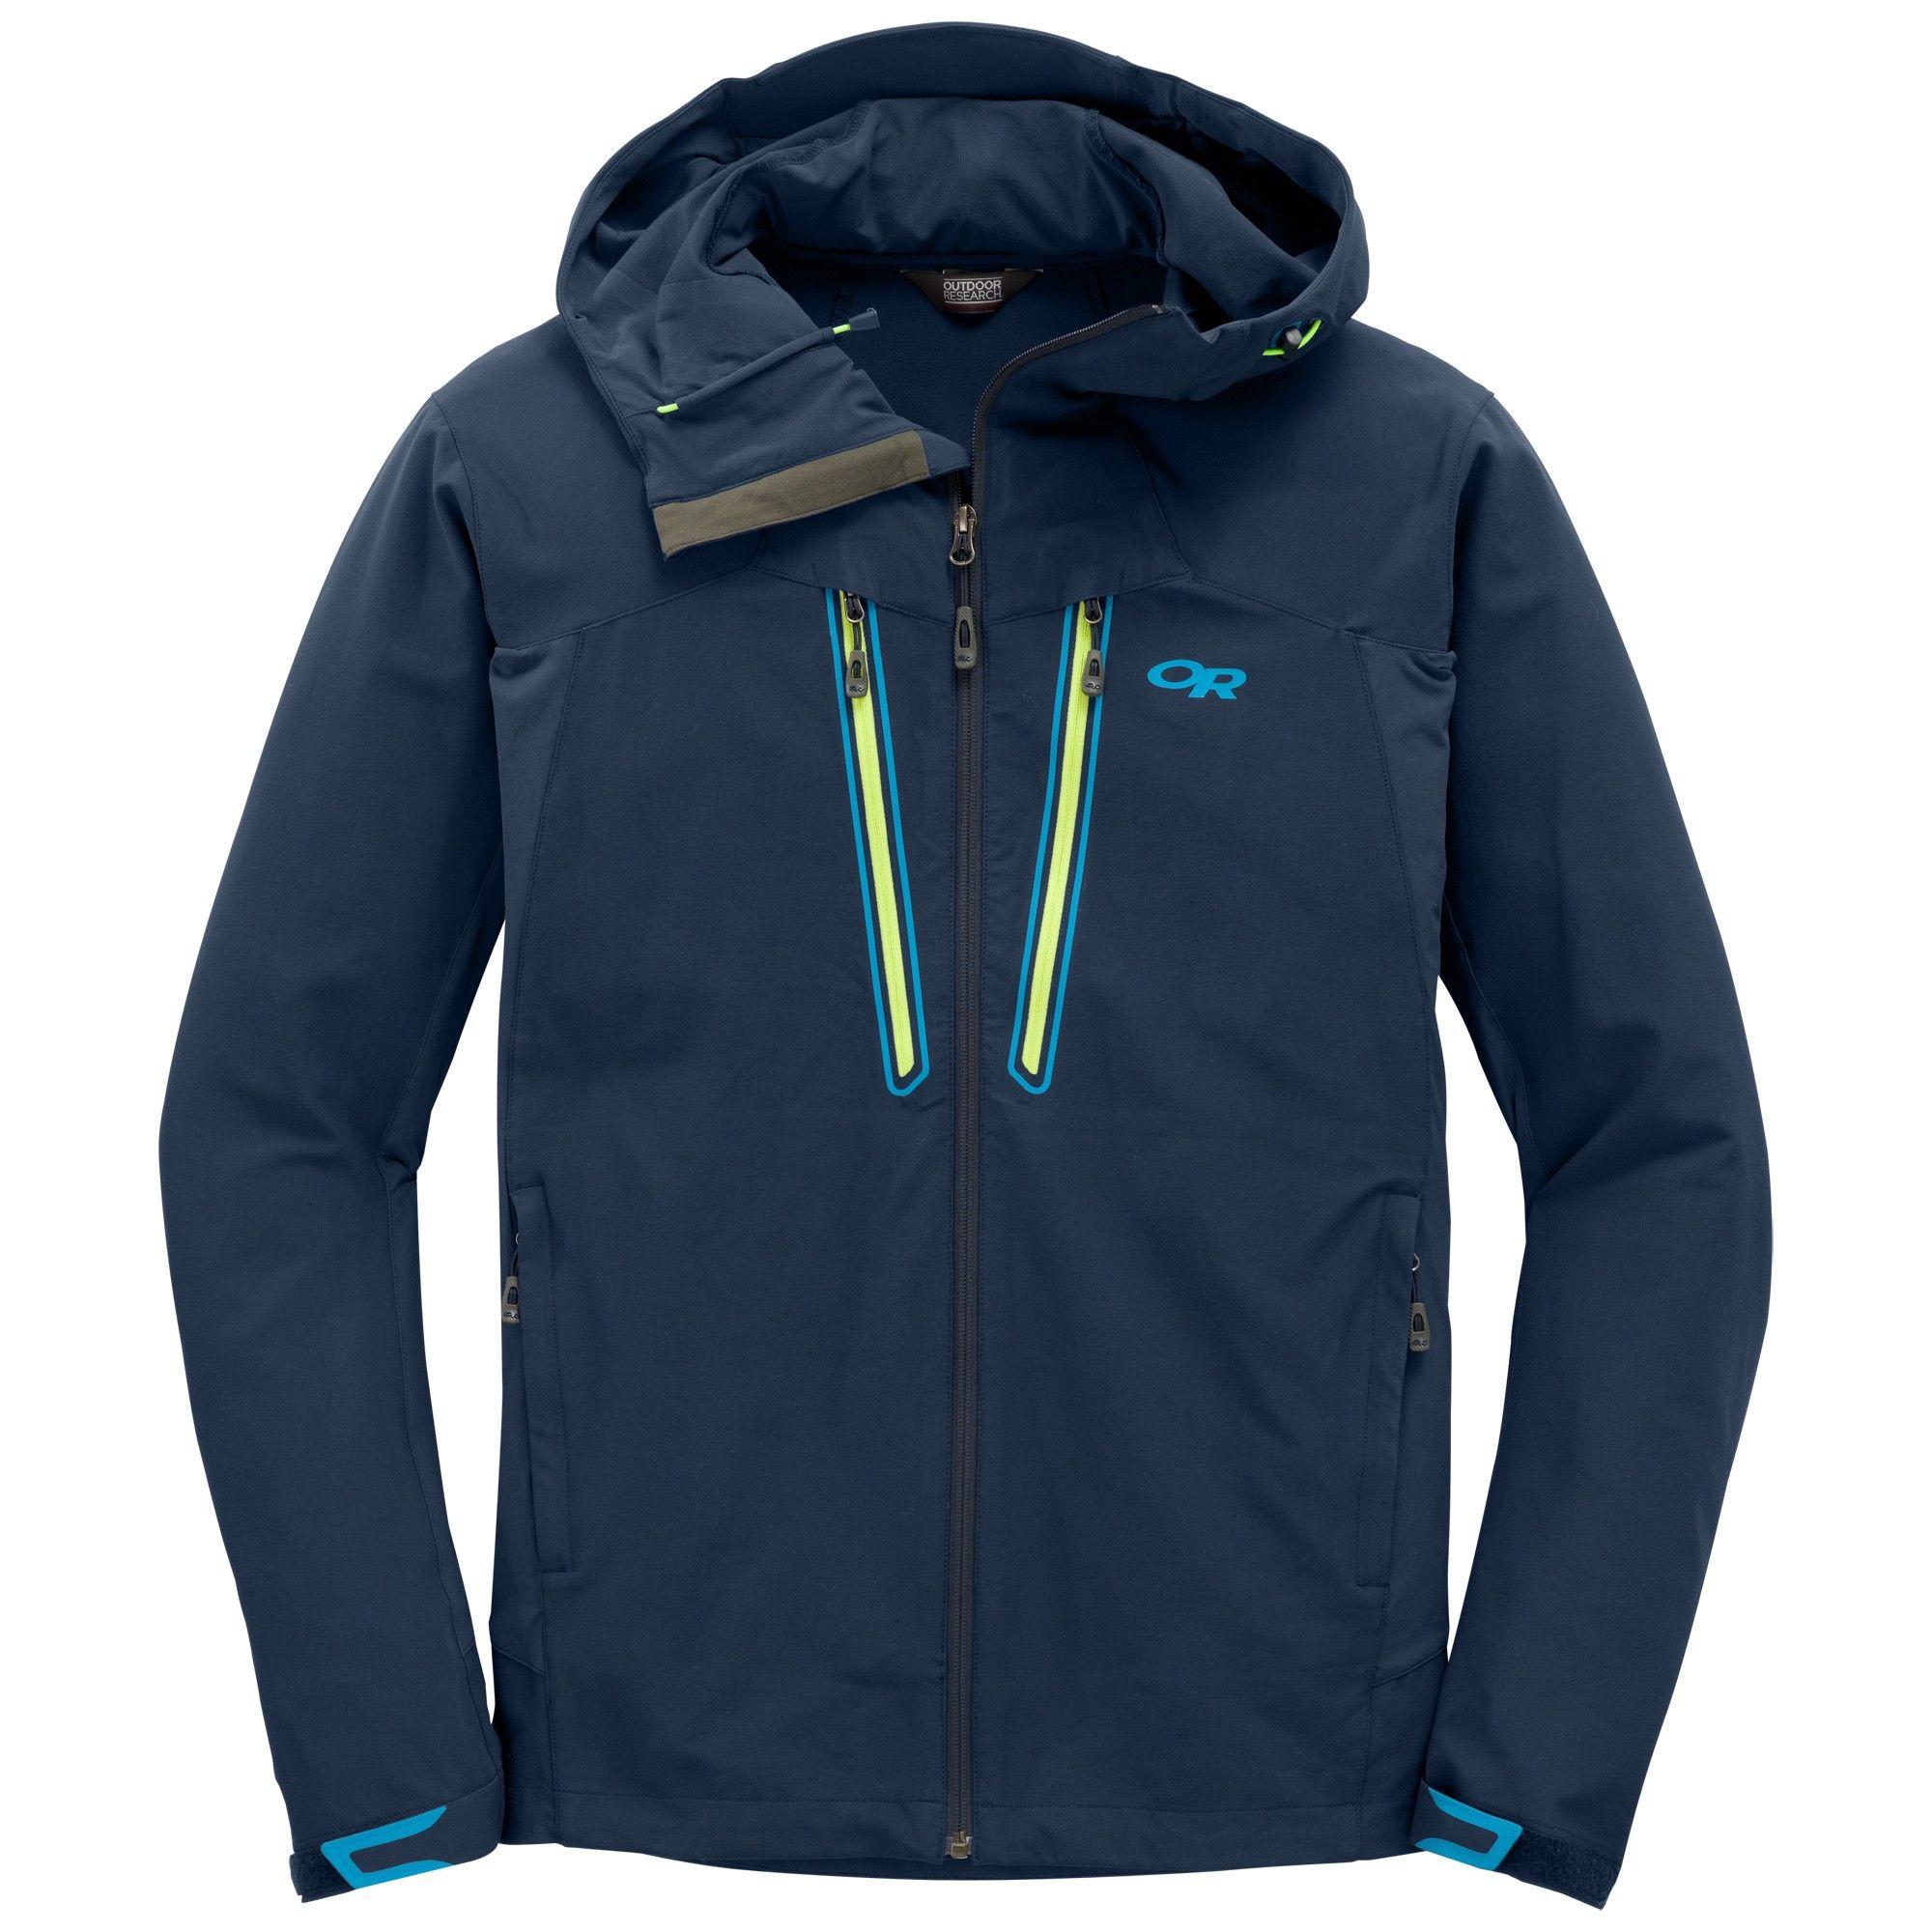 Outdoor Research Ferrosi Summit Hooded Jacket Blau, Male Freizeitjacke, S